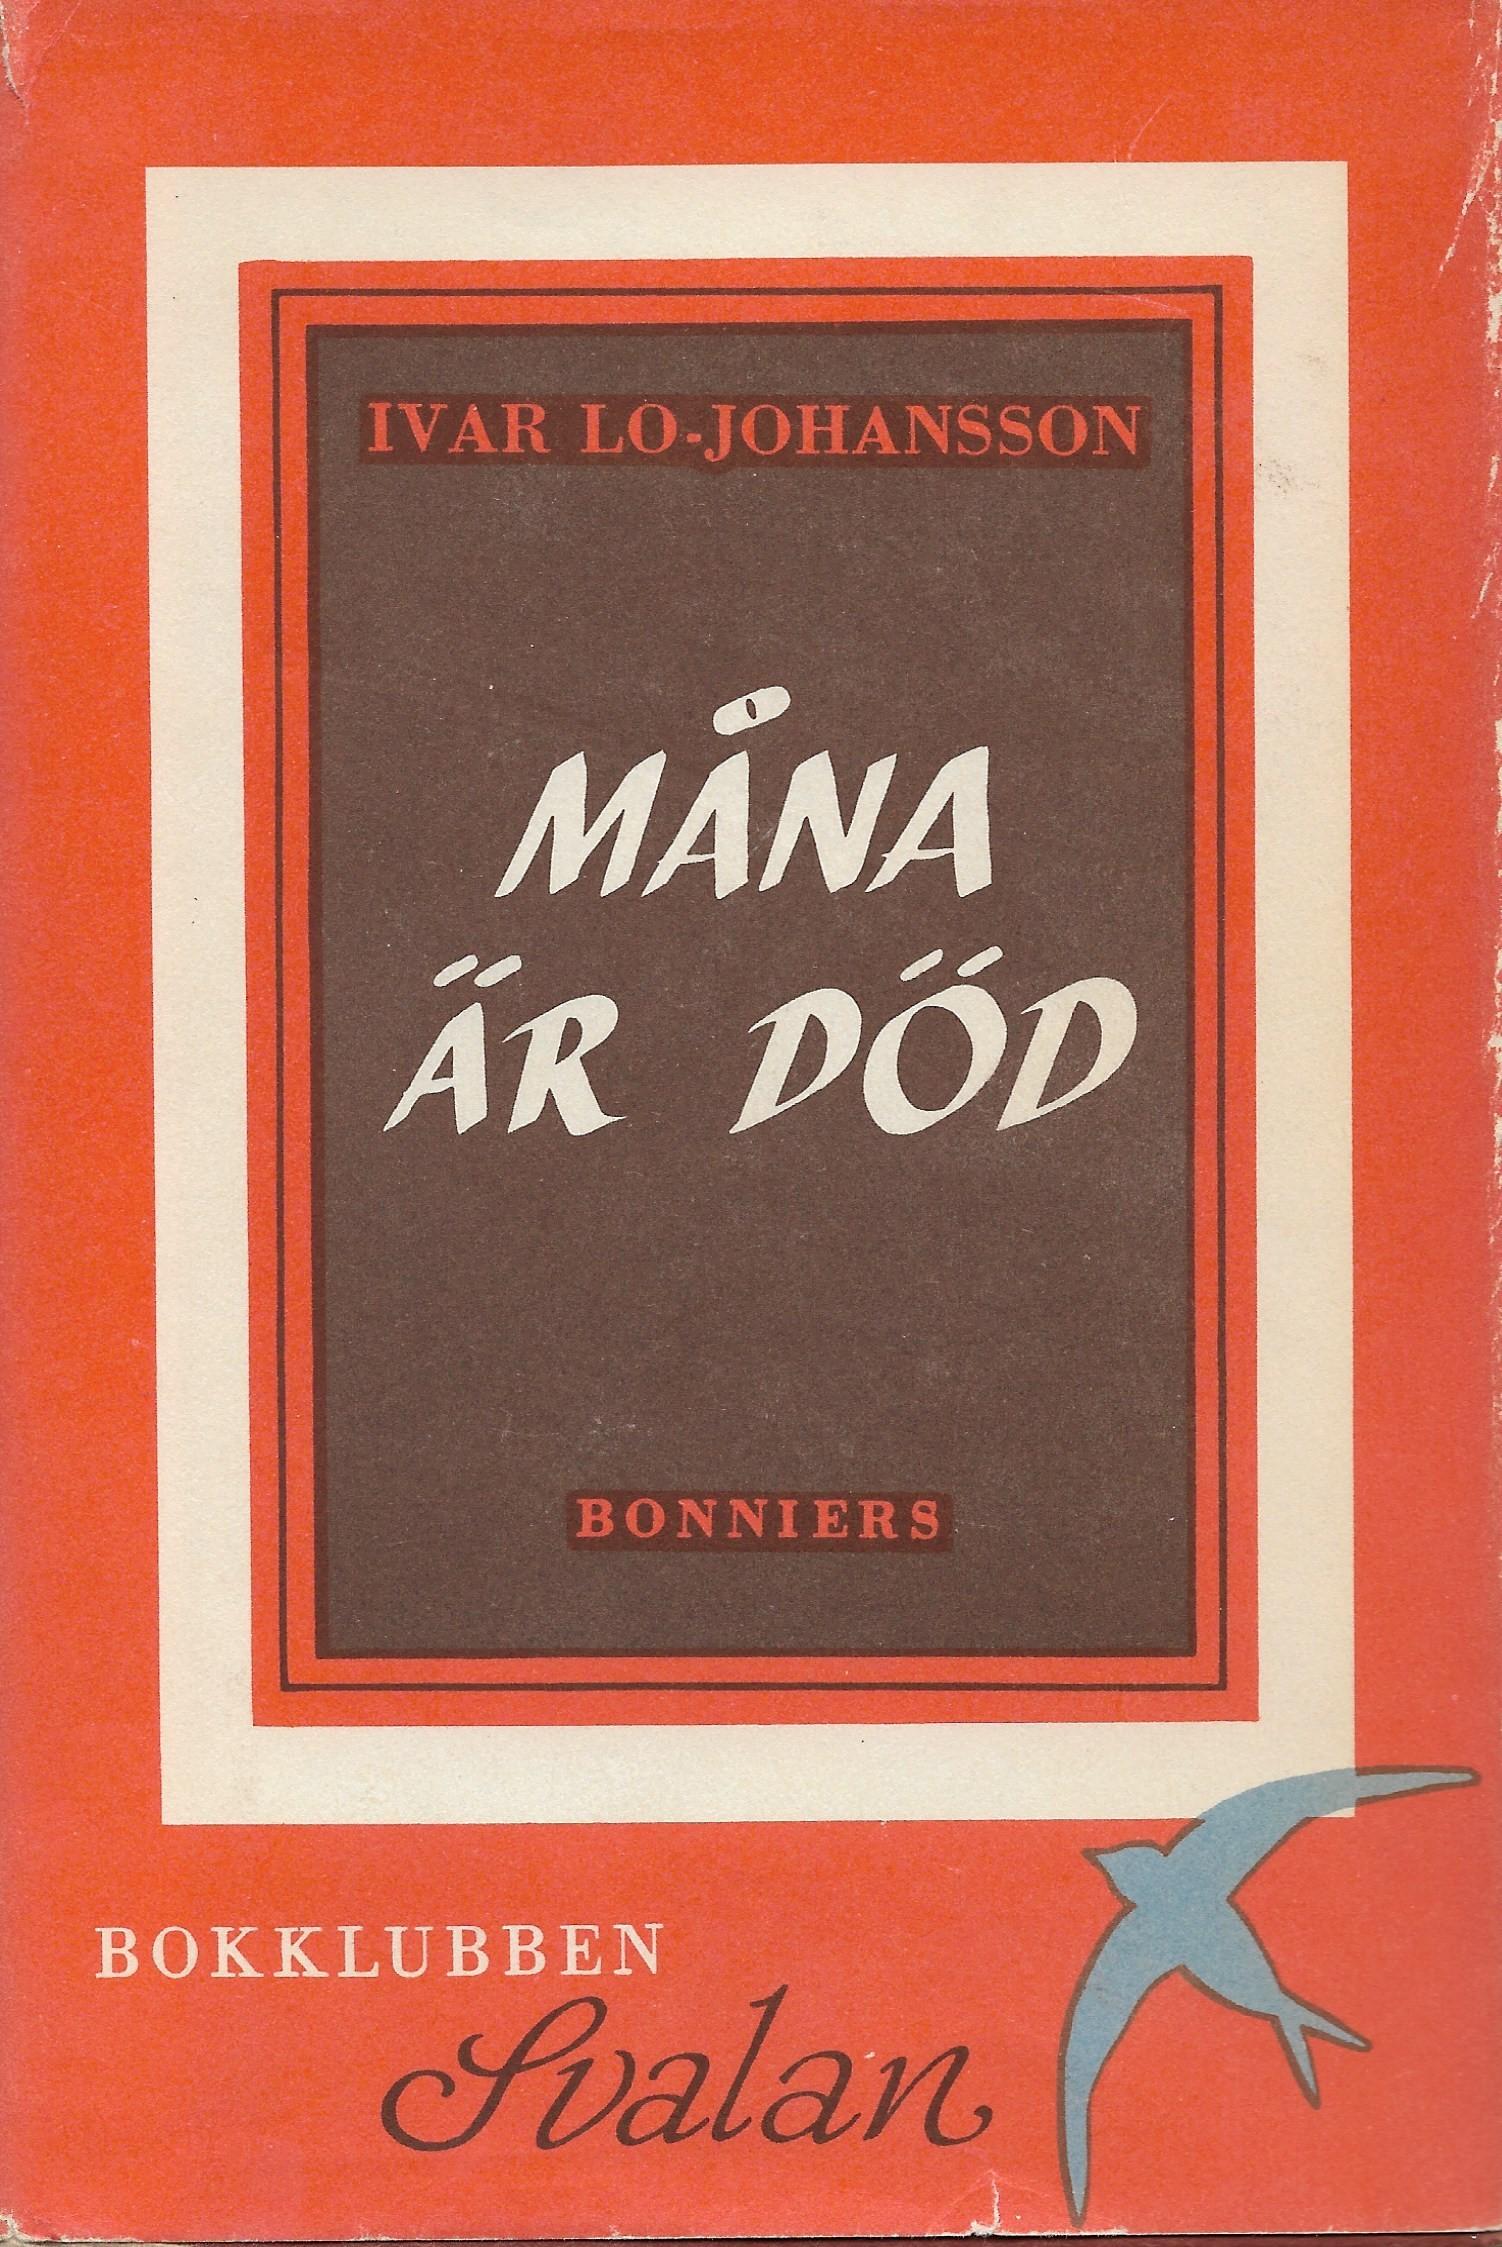 Måna är död  by  Ivar Lo-Johansson